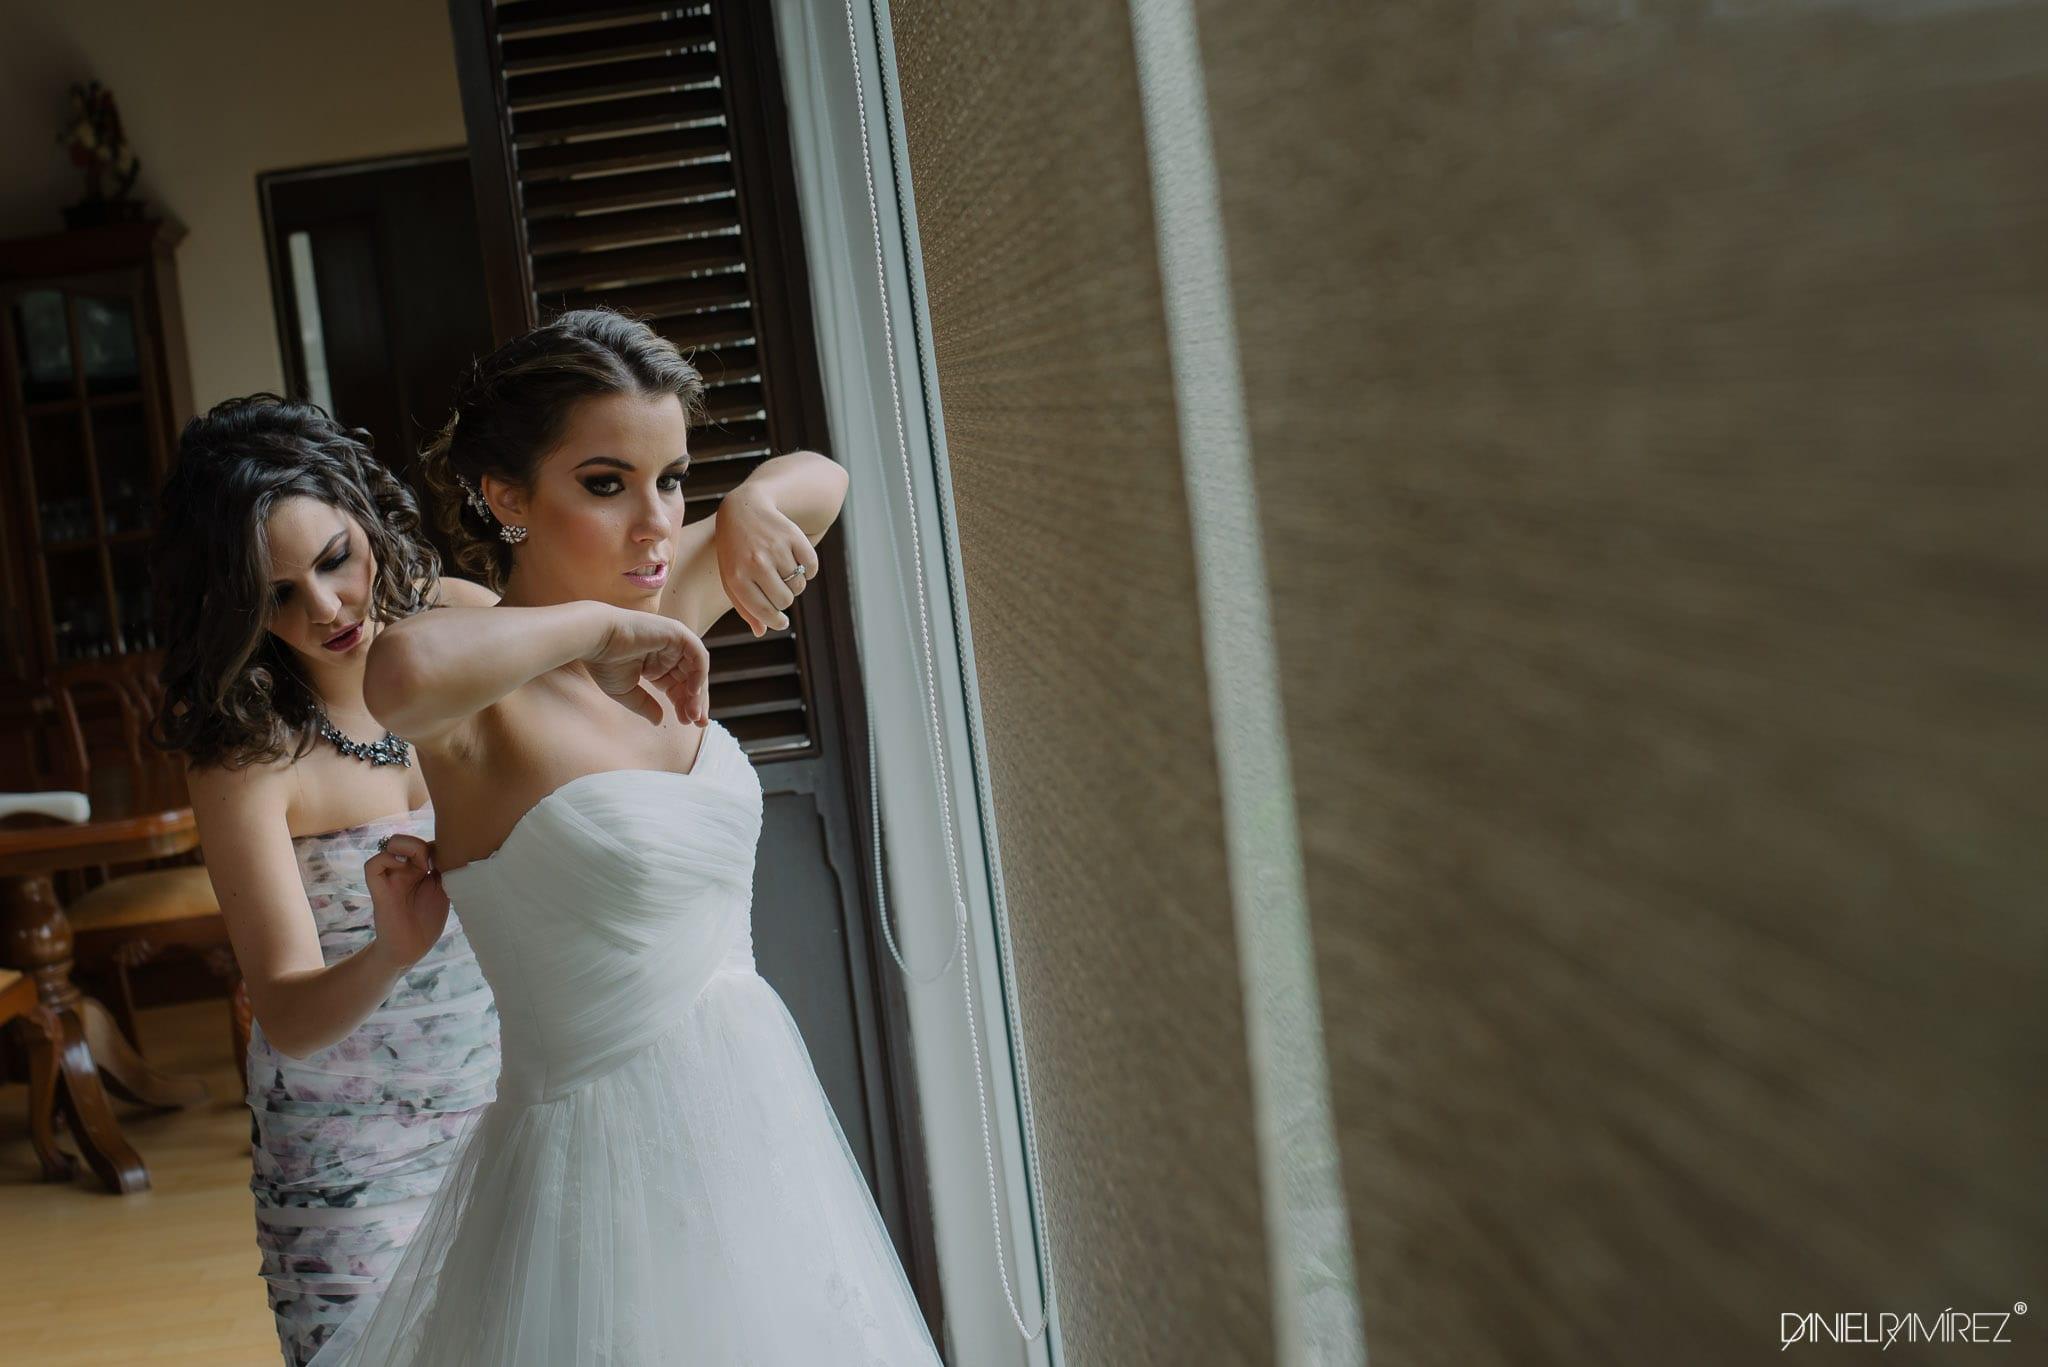 bodas-cdmx-fotografos-134-10